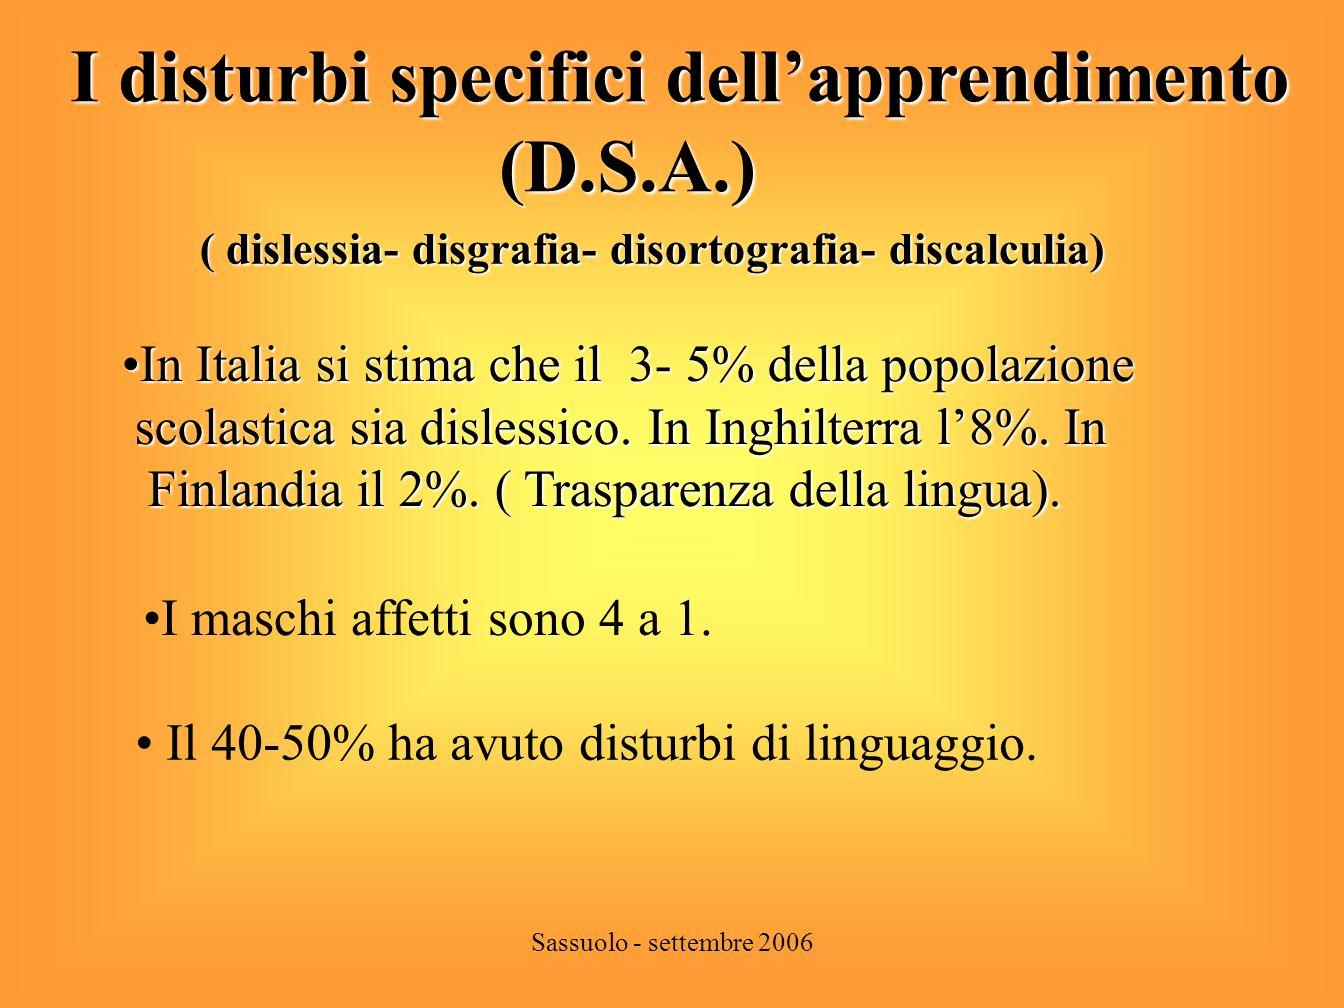 I disturbi specifici dell'apprendimento (D.S.A.)